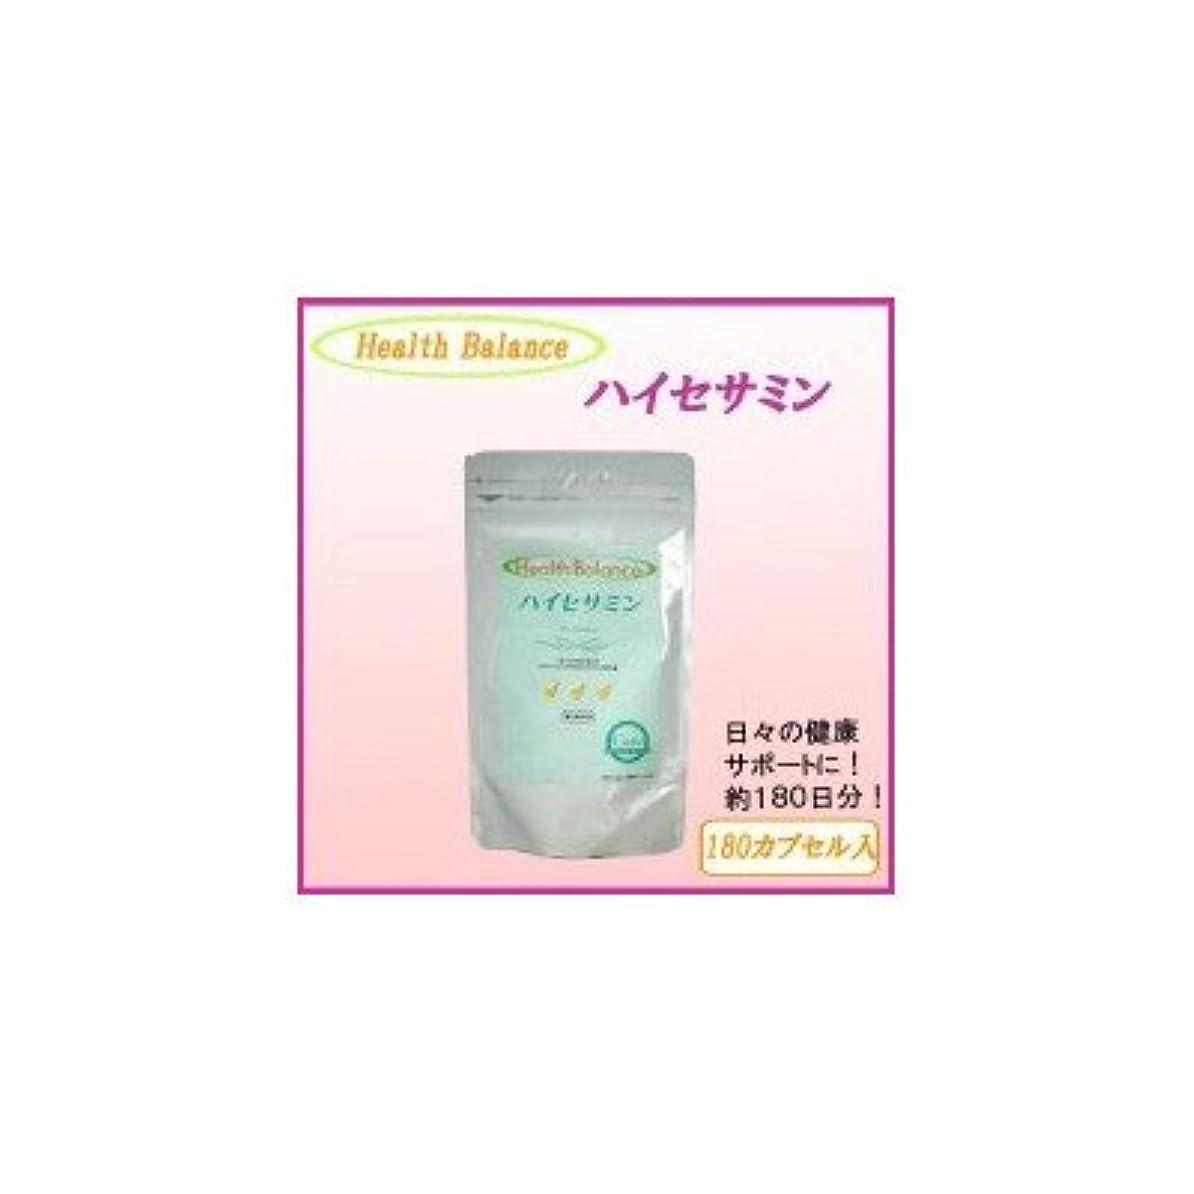 珍味糸カロリーHealth Balance ヘルスバランス ハイセサミン (約180日分) リグナンゴマ100%使用の健康サプリ